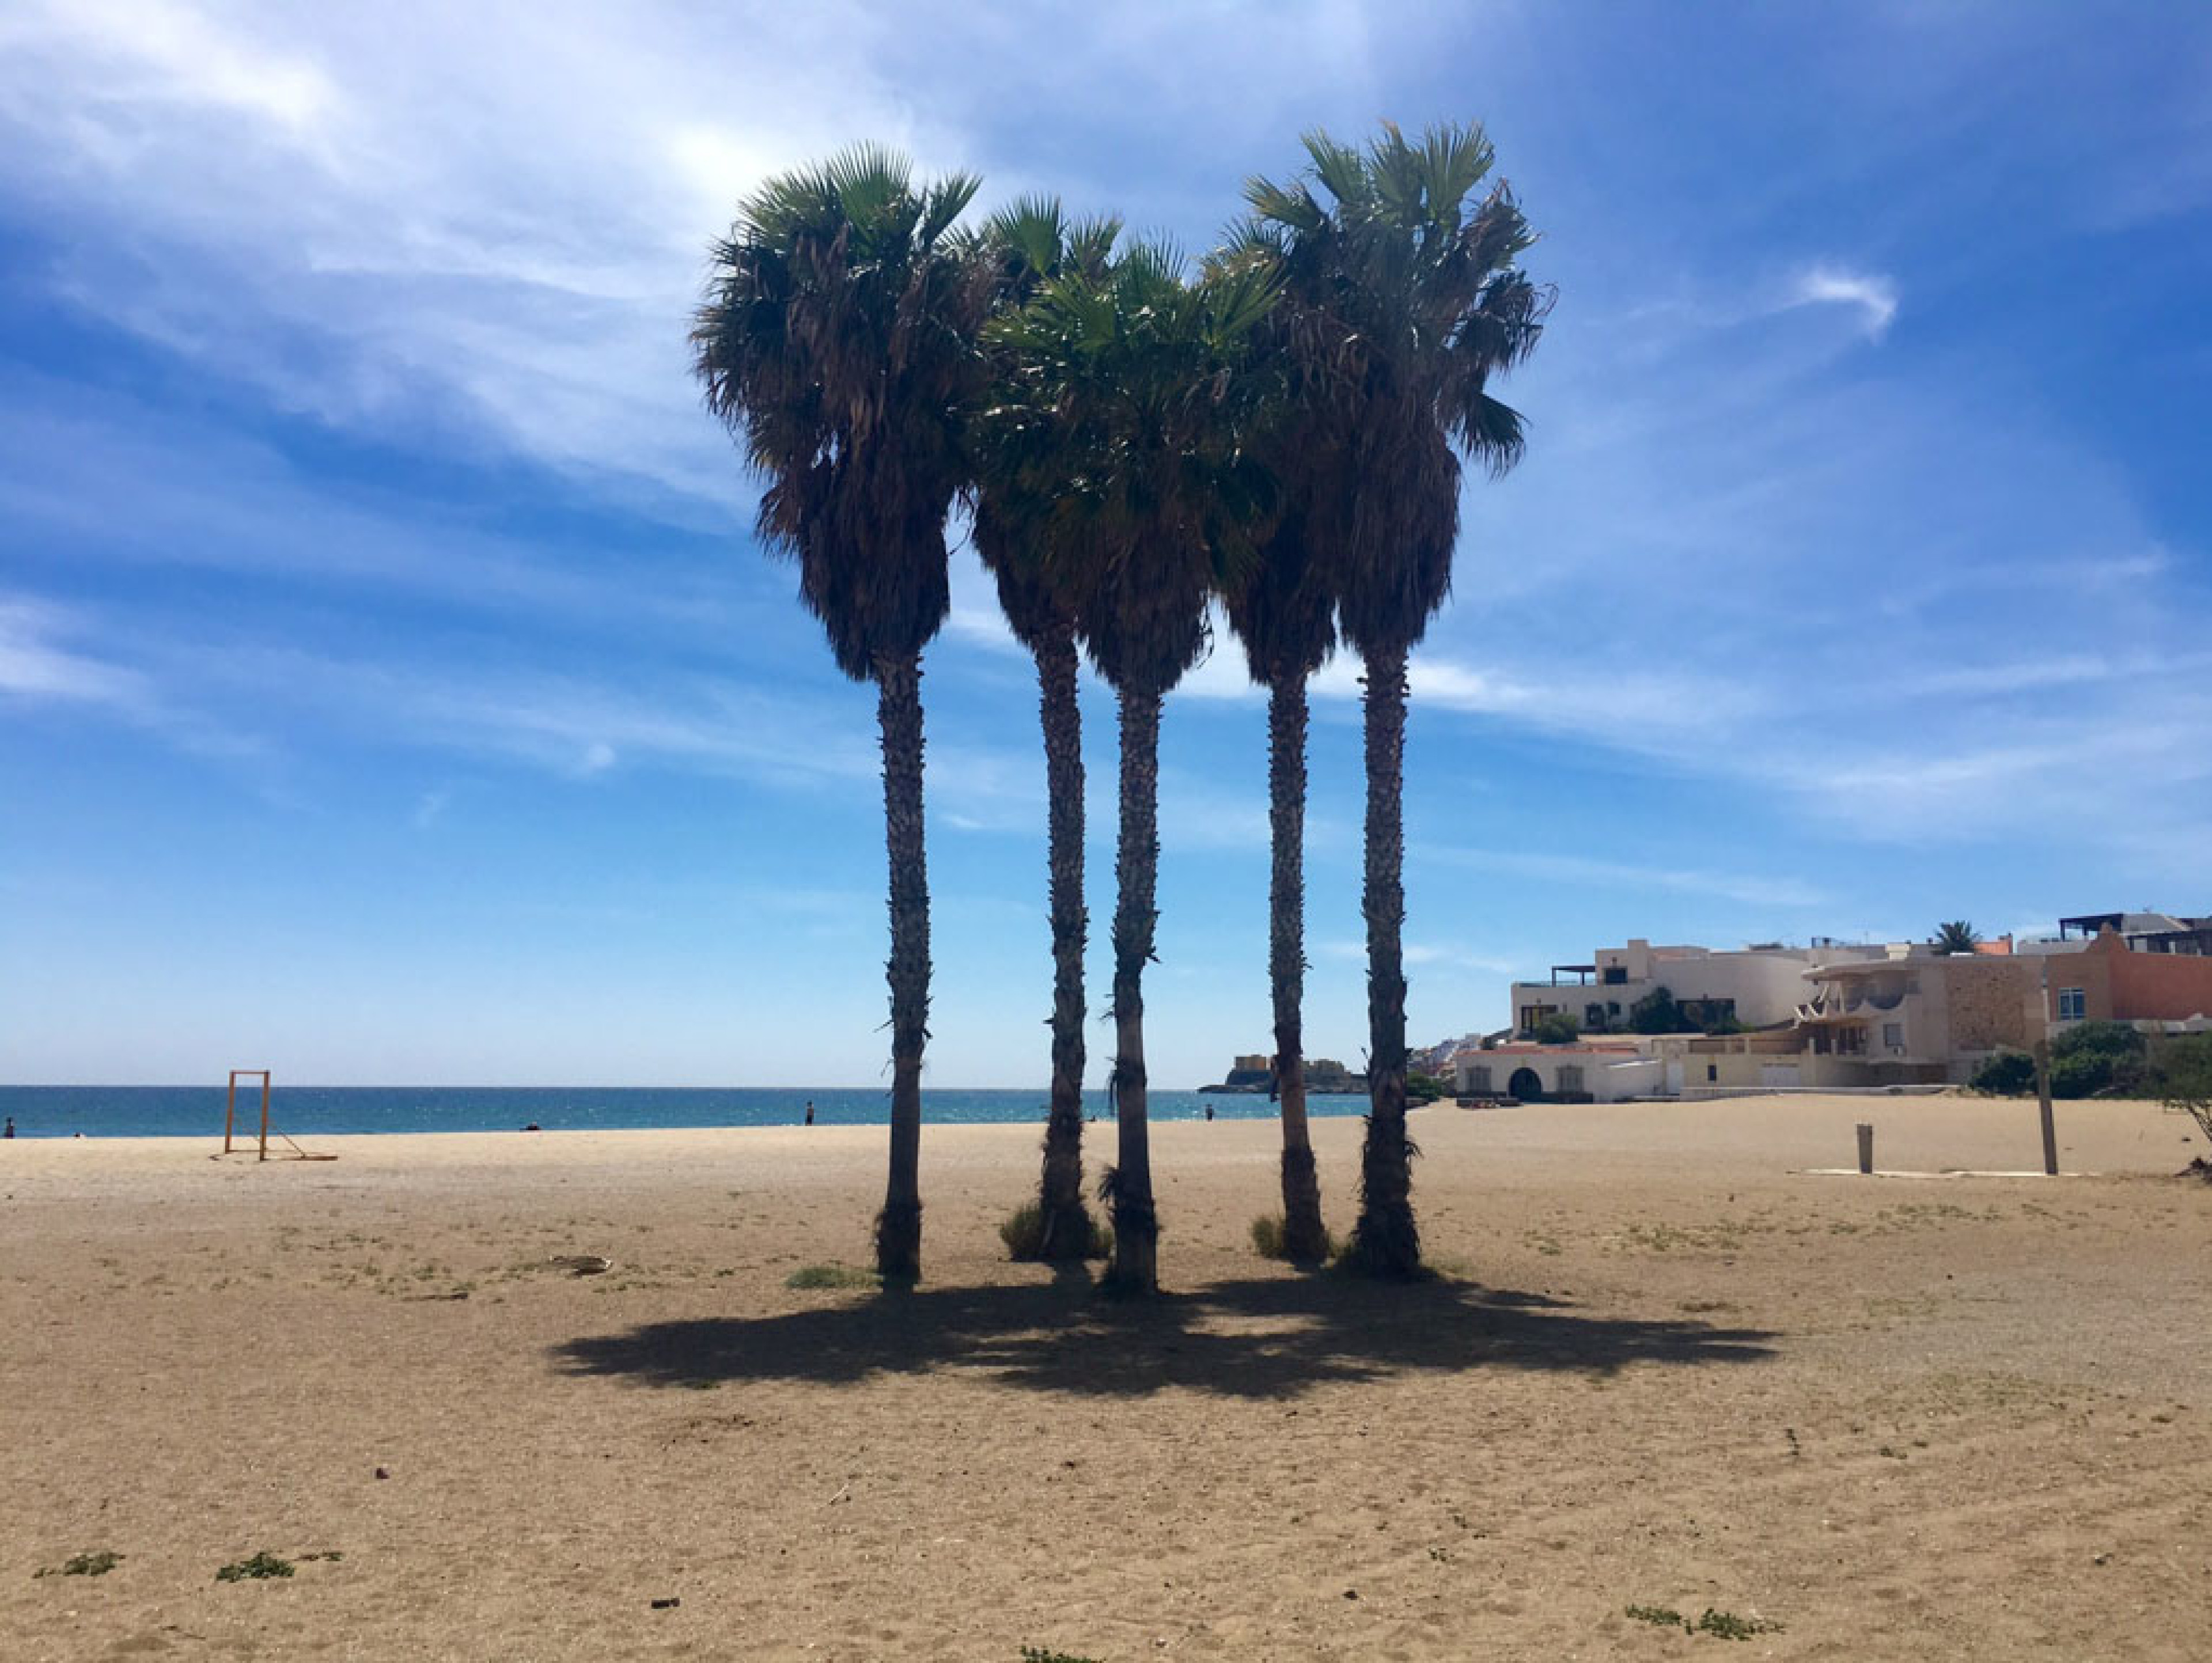 The beaches of Cabo de Gata